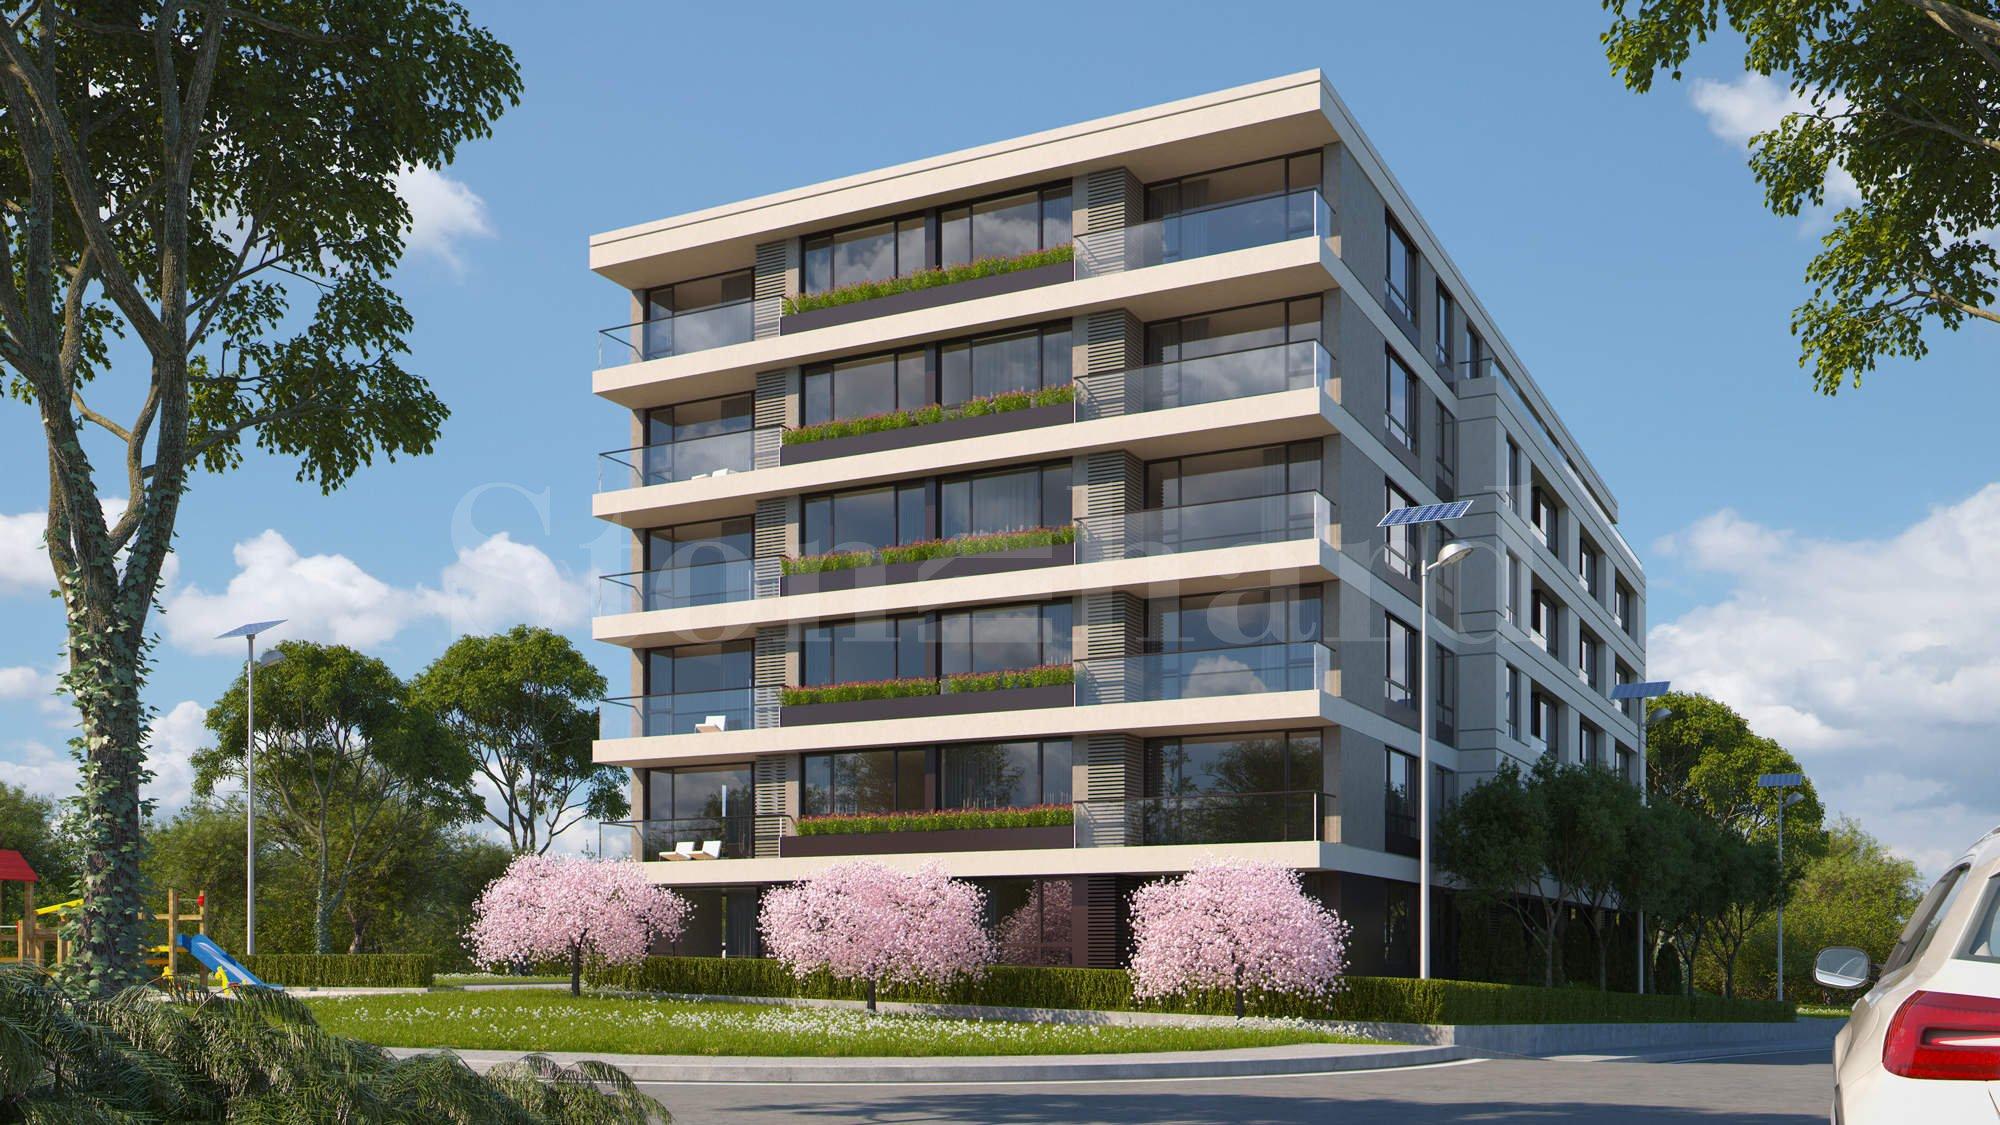 Нова жилищна сграда с апартаменти и подземни гаражи в кв. Малинова долина2 - Stonehard